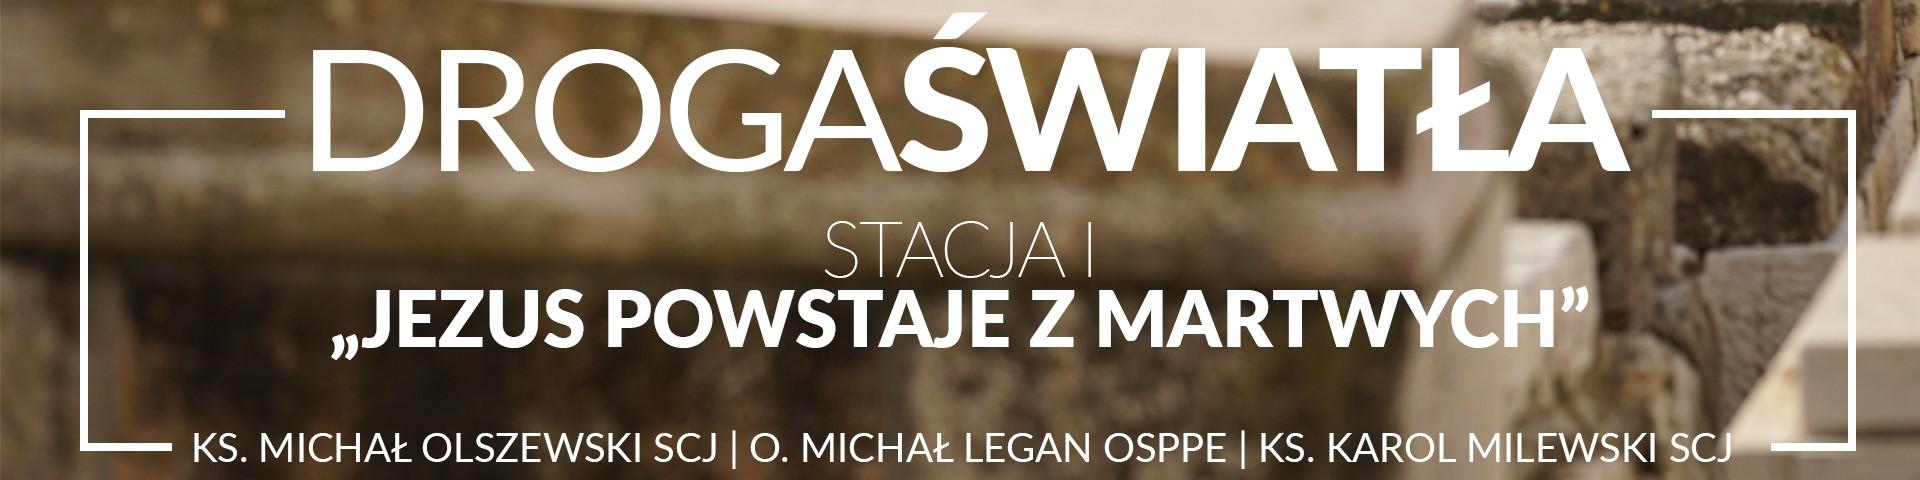 Droga Światła - Stacja I: Jezus powstaje z martwych - o. Michał Legan OSPPE (video)